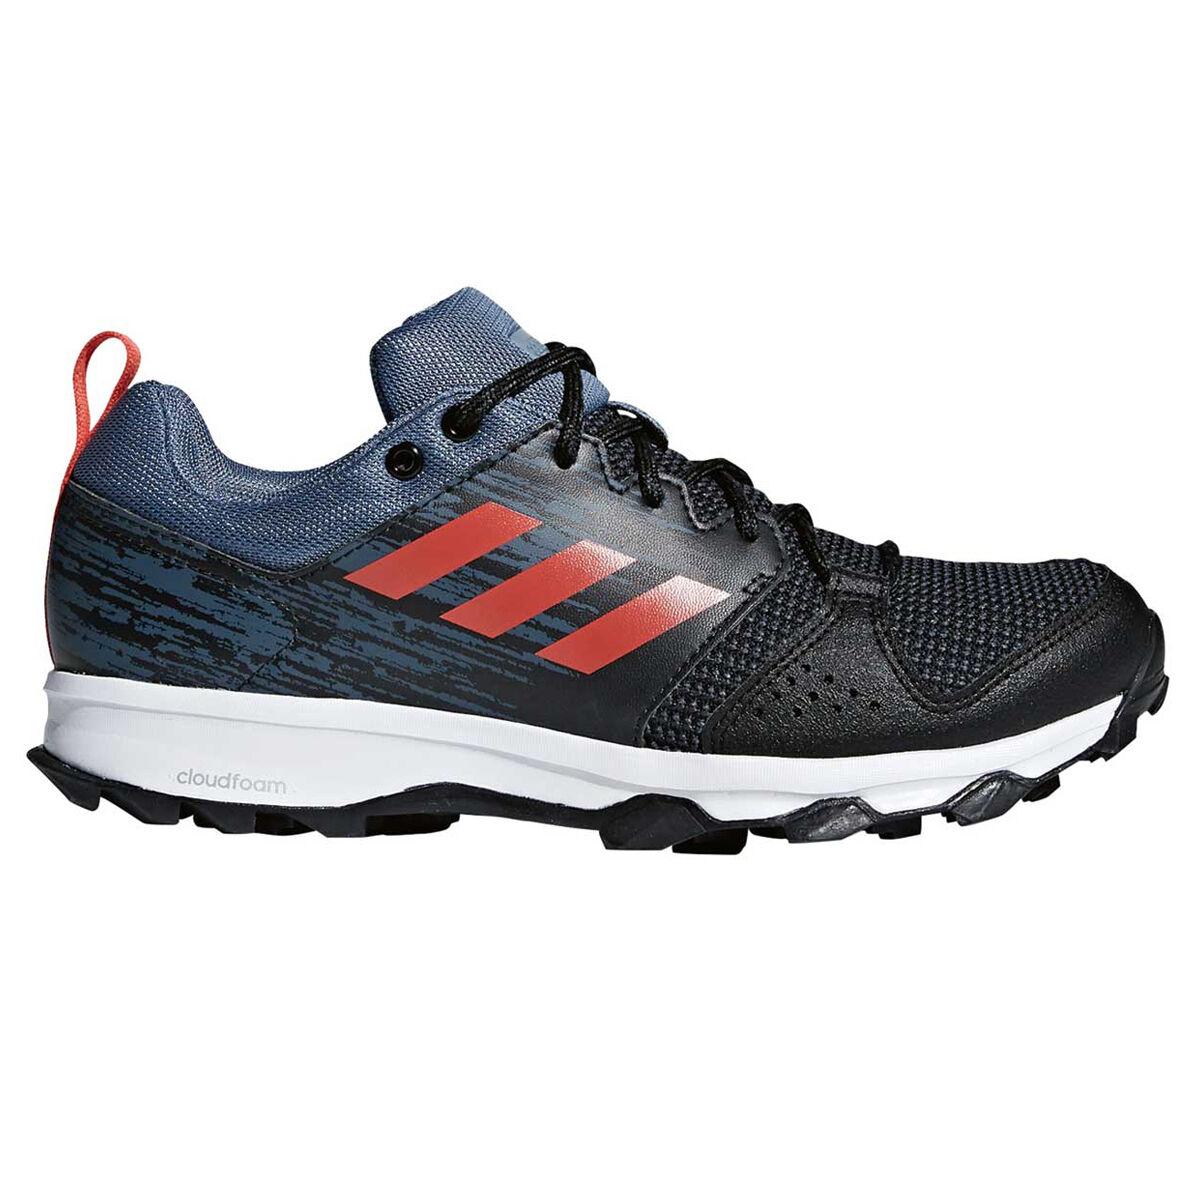 ... usa adidas galaxy mens trail running shoes black grey us 8.5 black grey  b4881 fffef ebc54bf09